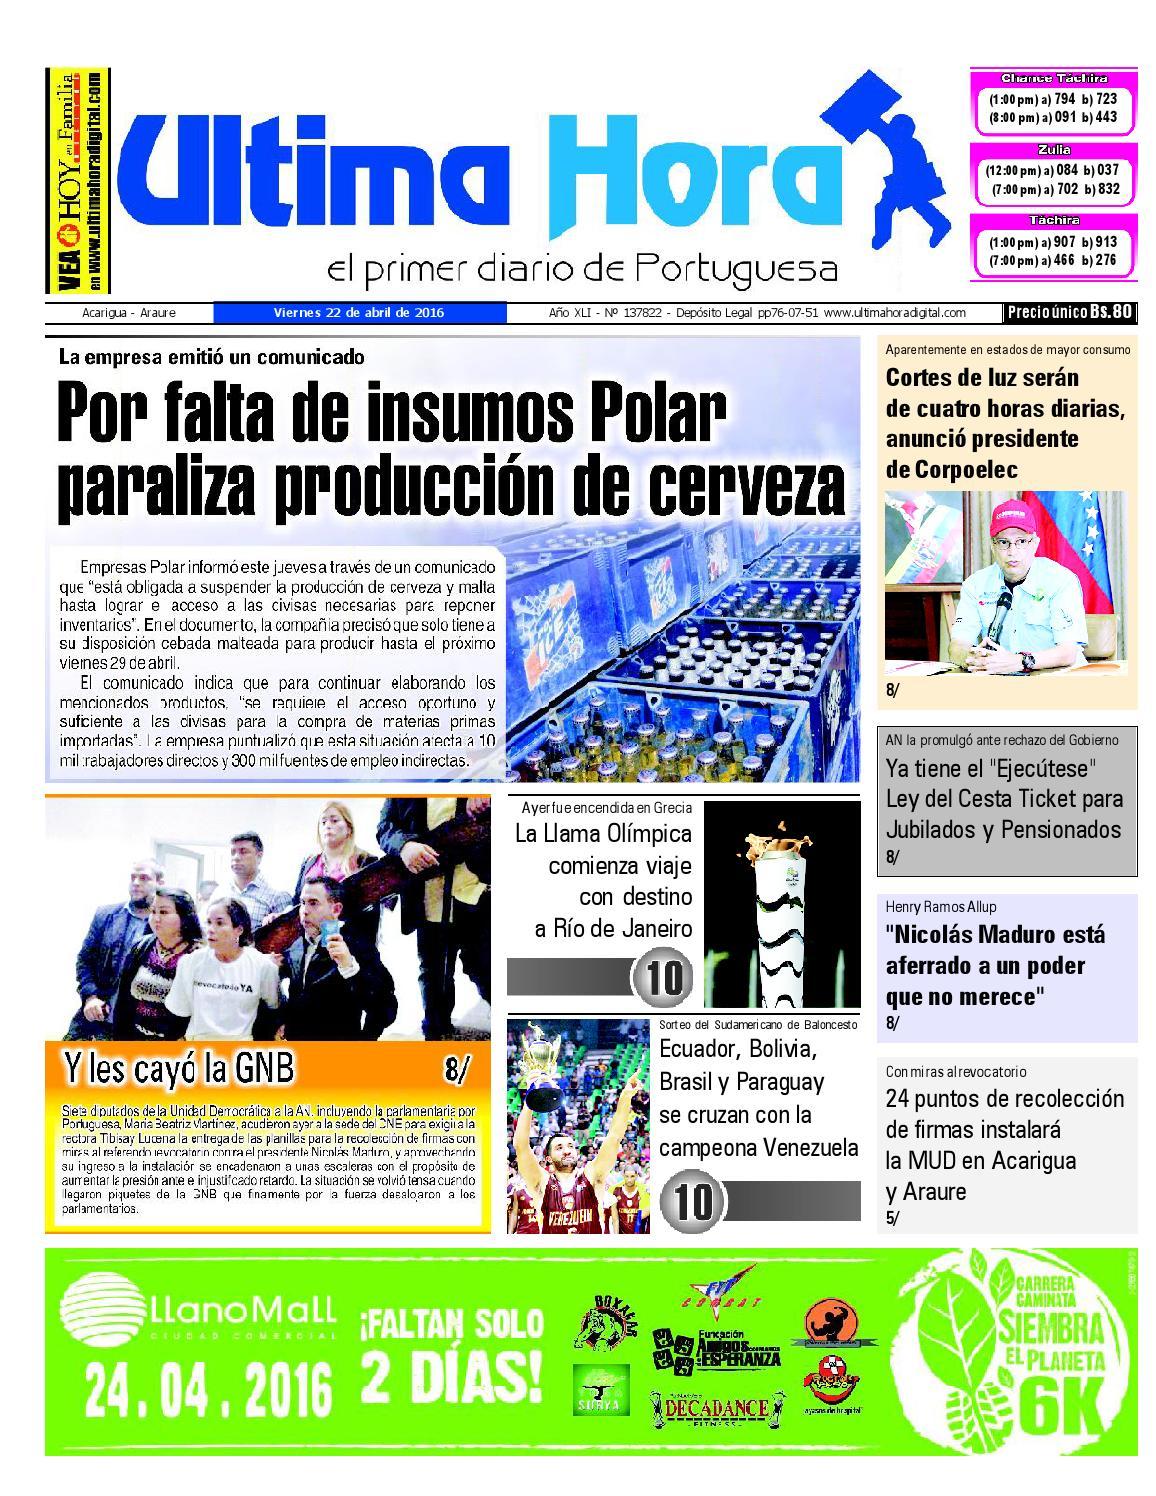 Edición 22 04 2016 by Ultima Hora - El primer diario de Portuguesa ...